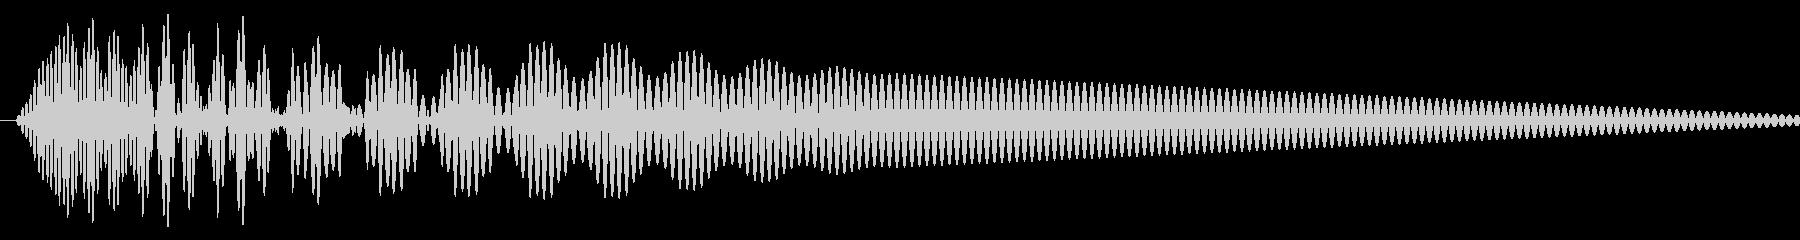 カーソル移動音2の未再生の波形